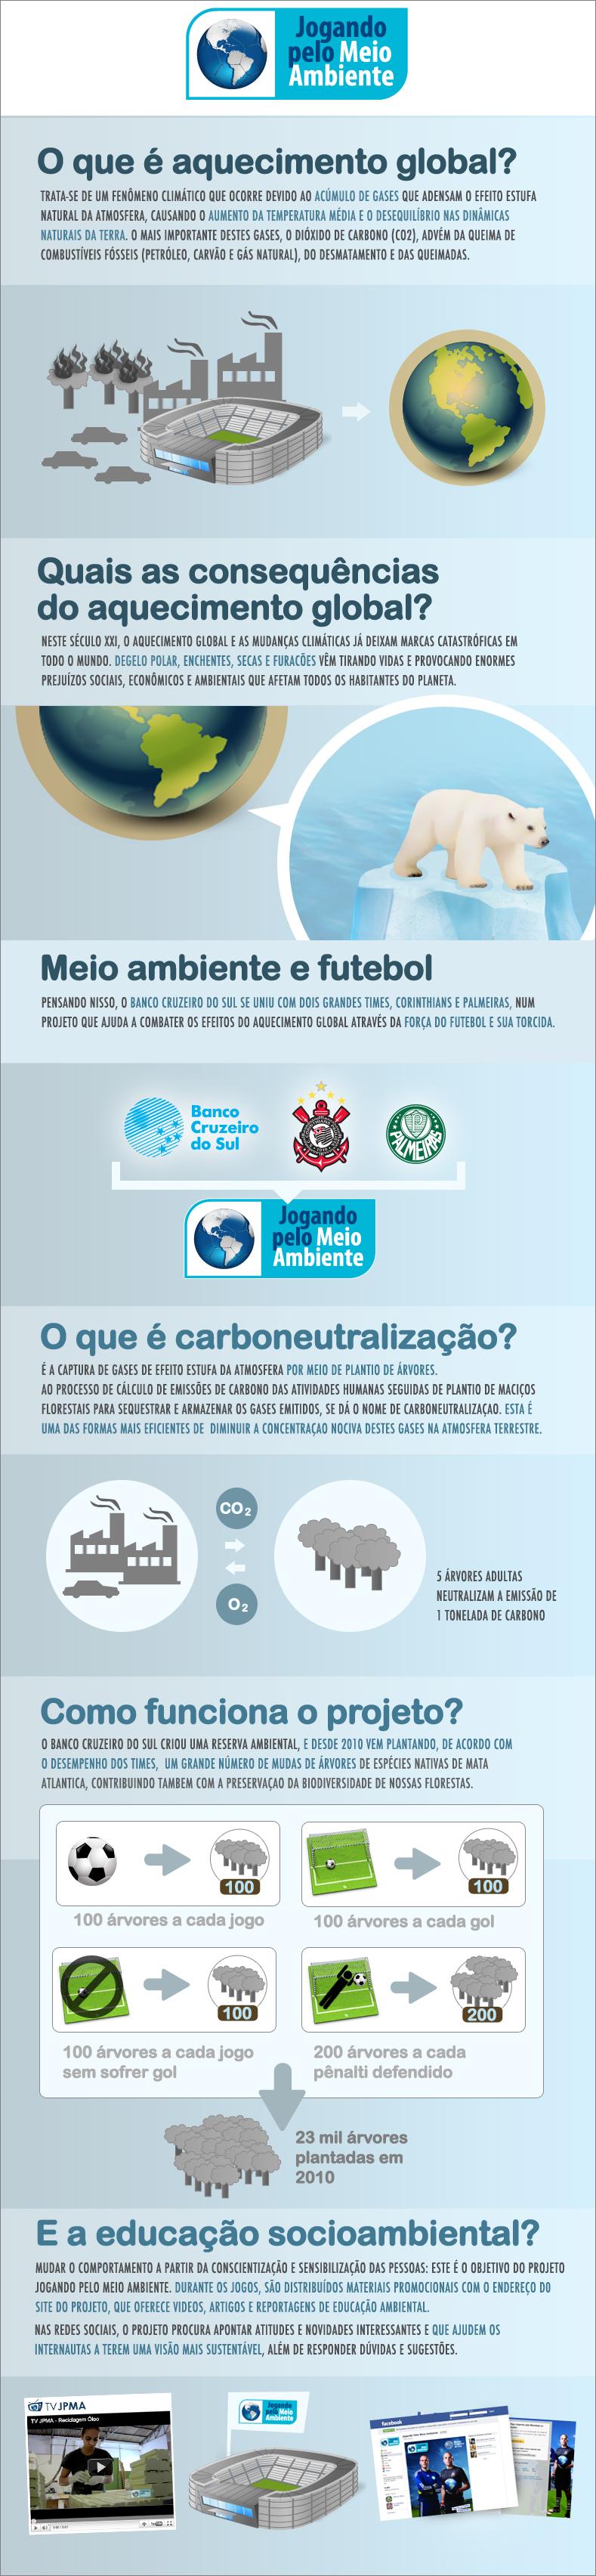 Corinthians e Palmeiras se unem em favor do meio ambiente – VivoVerde 1076a2ecd5c5a